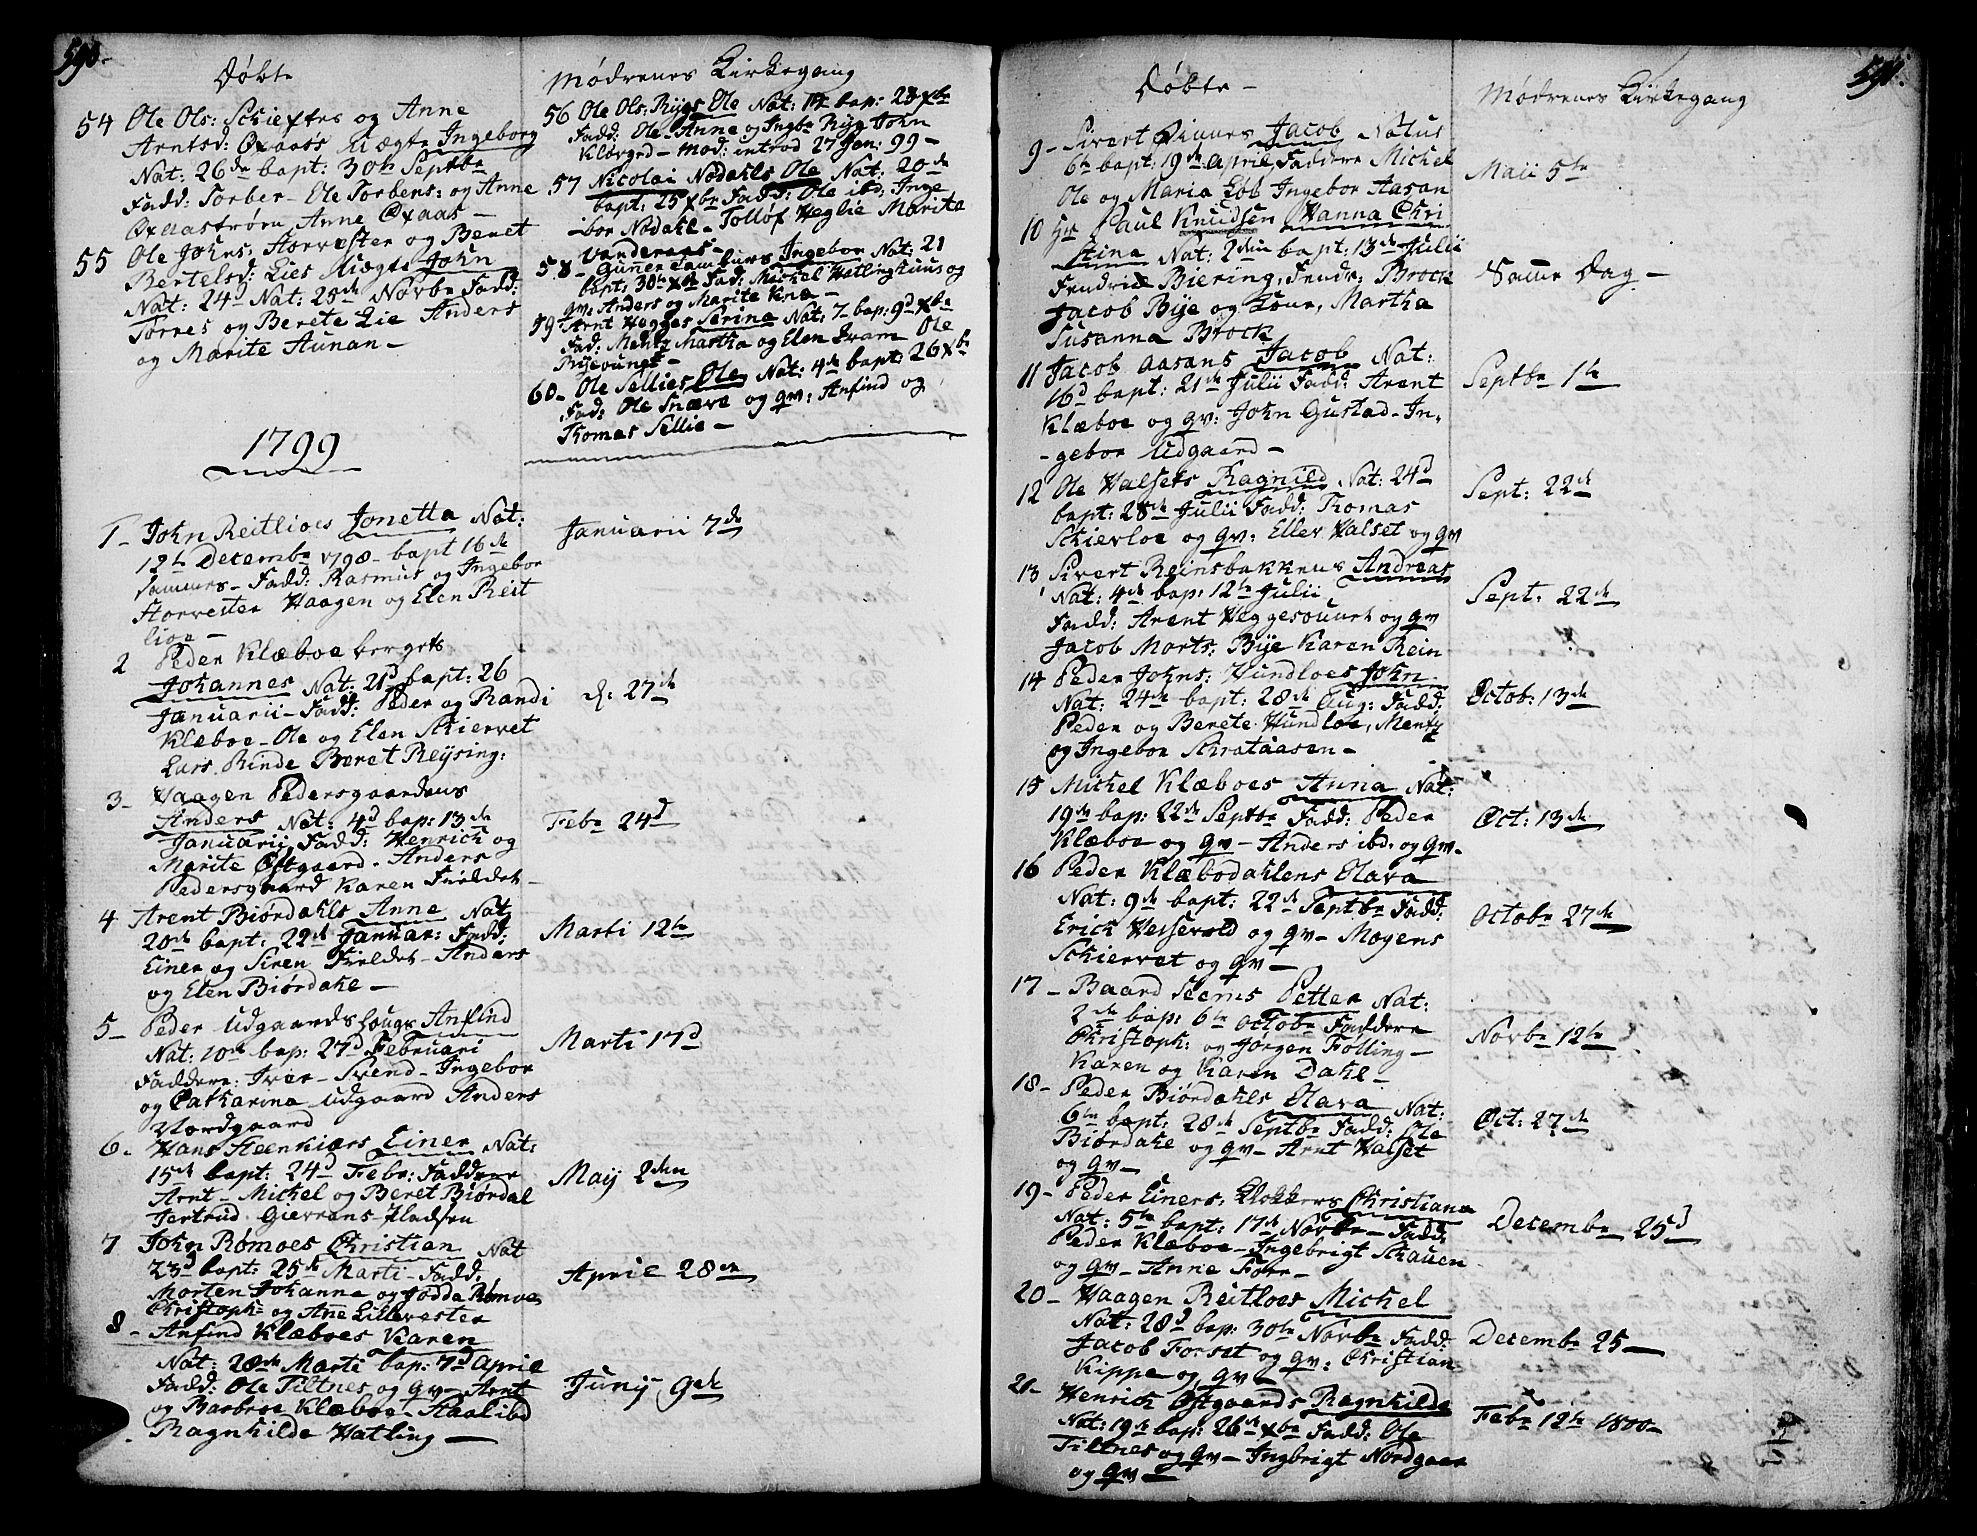 SAT, Ministerialprotokoller, klokkerbøker og fødselsregistre - Nord-Trøndelag, 746/L0440: Ministerialbok nr. 746A02, 1760-1815, s. 590-591